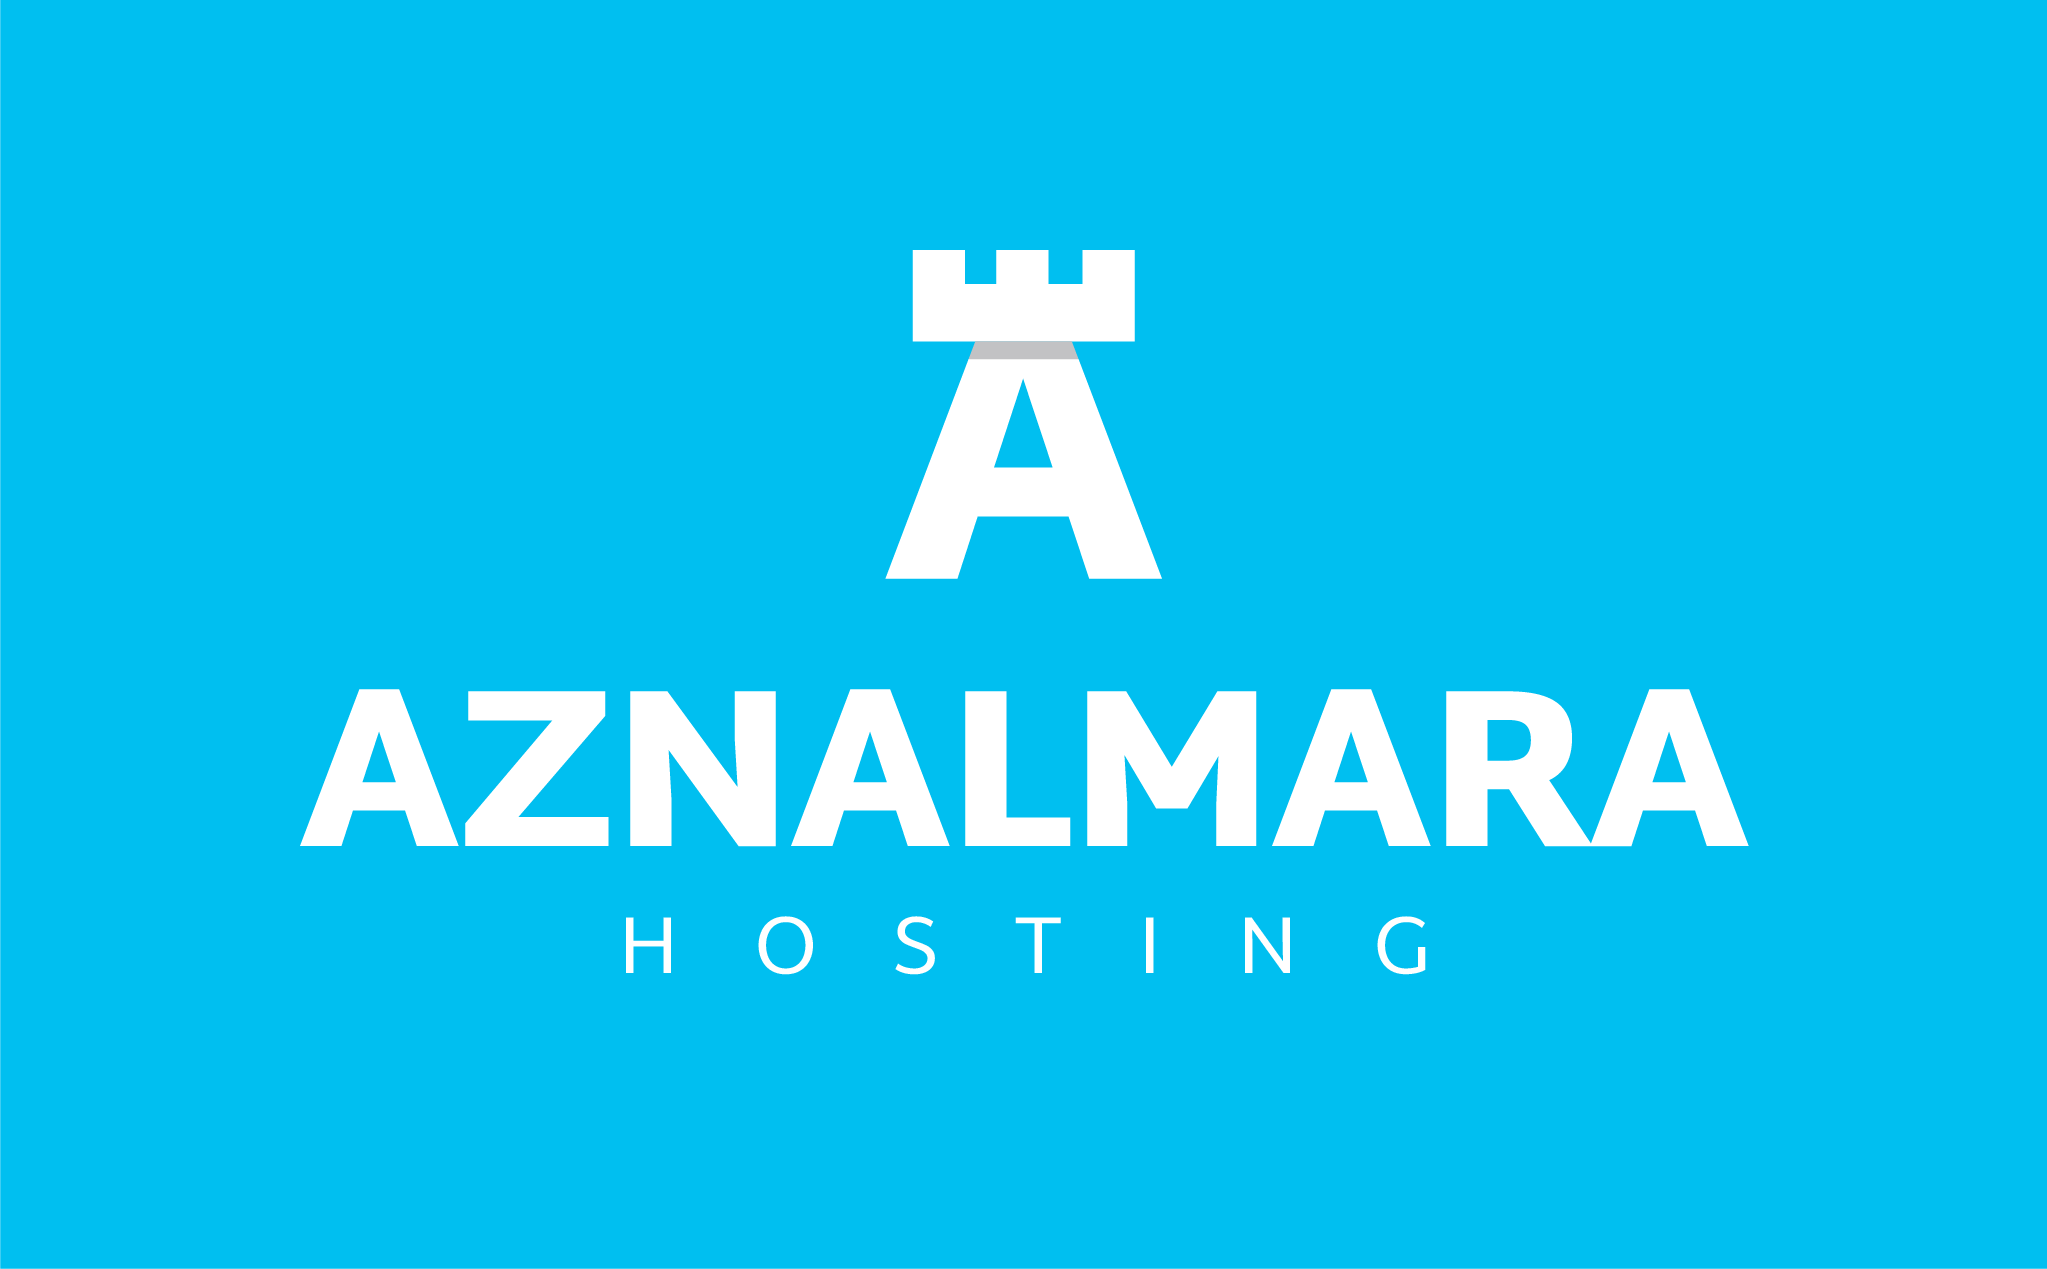 LOGO_VERTICAL_AZNALMARA®_HOSTING_BLANCO_FONDO_AZUL